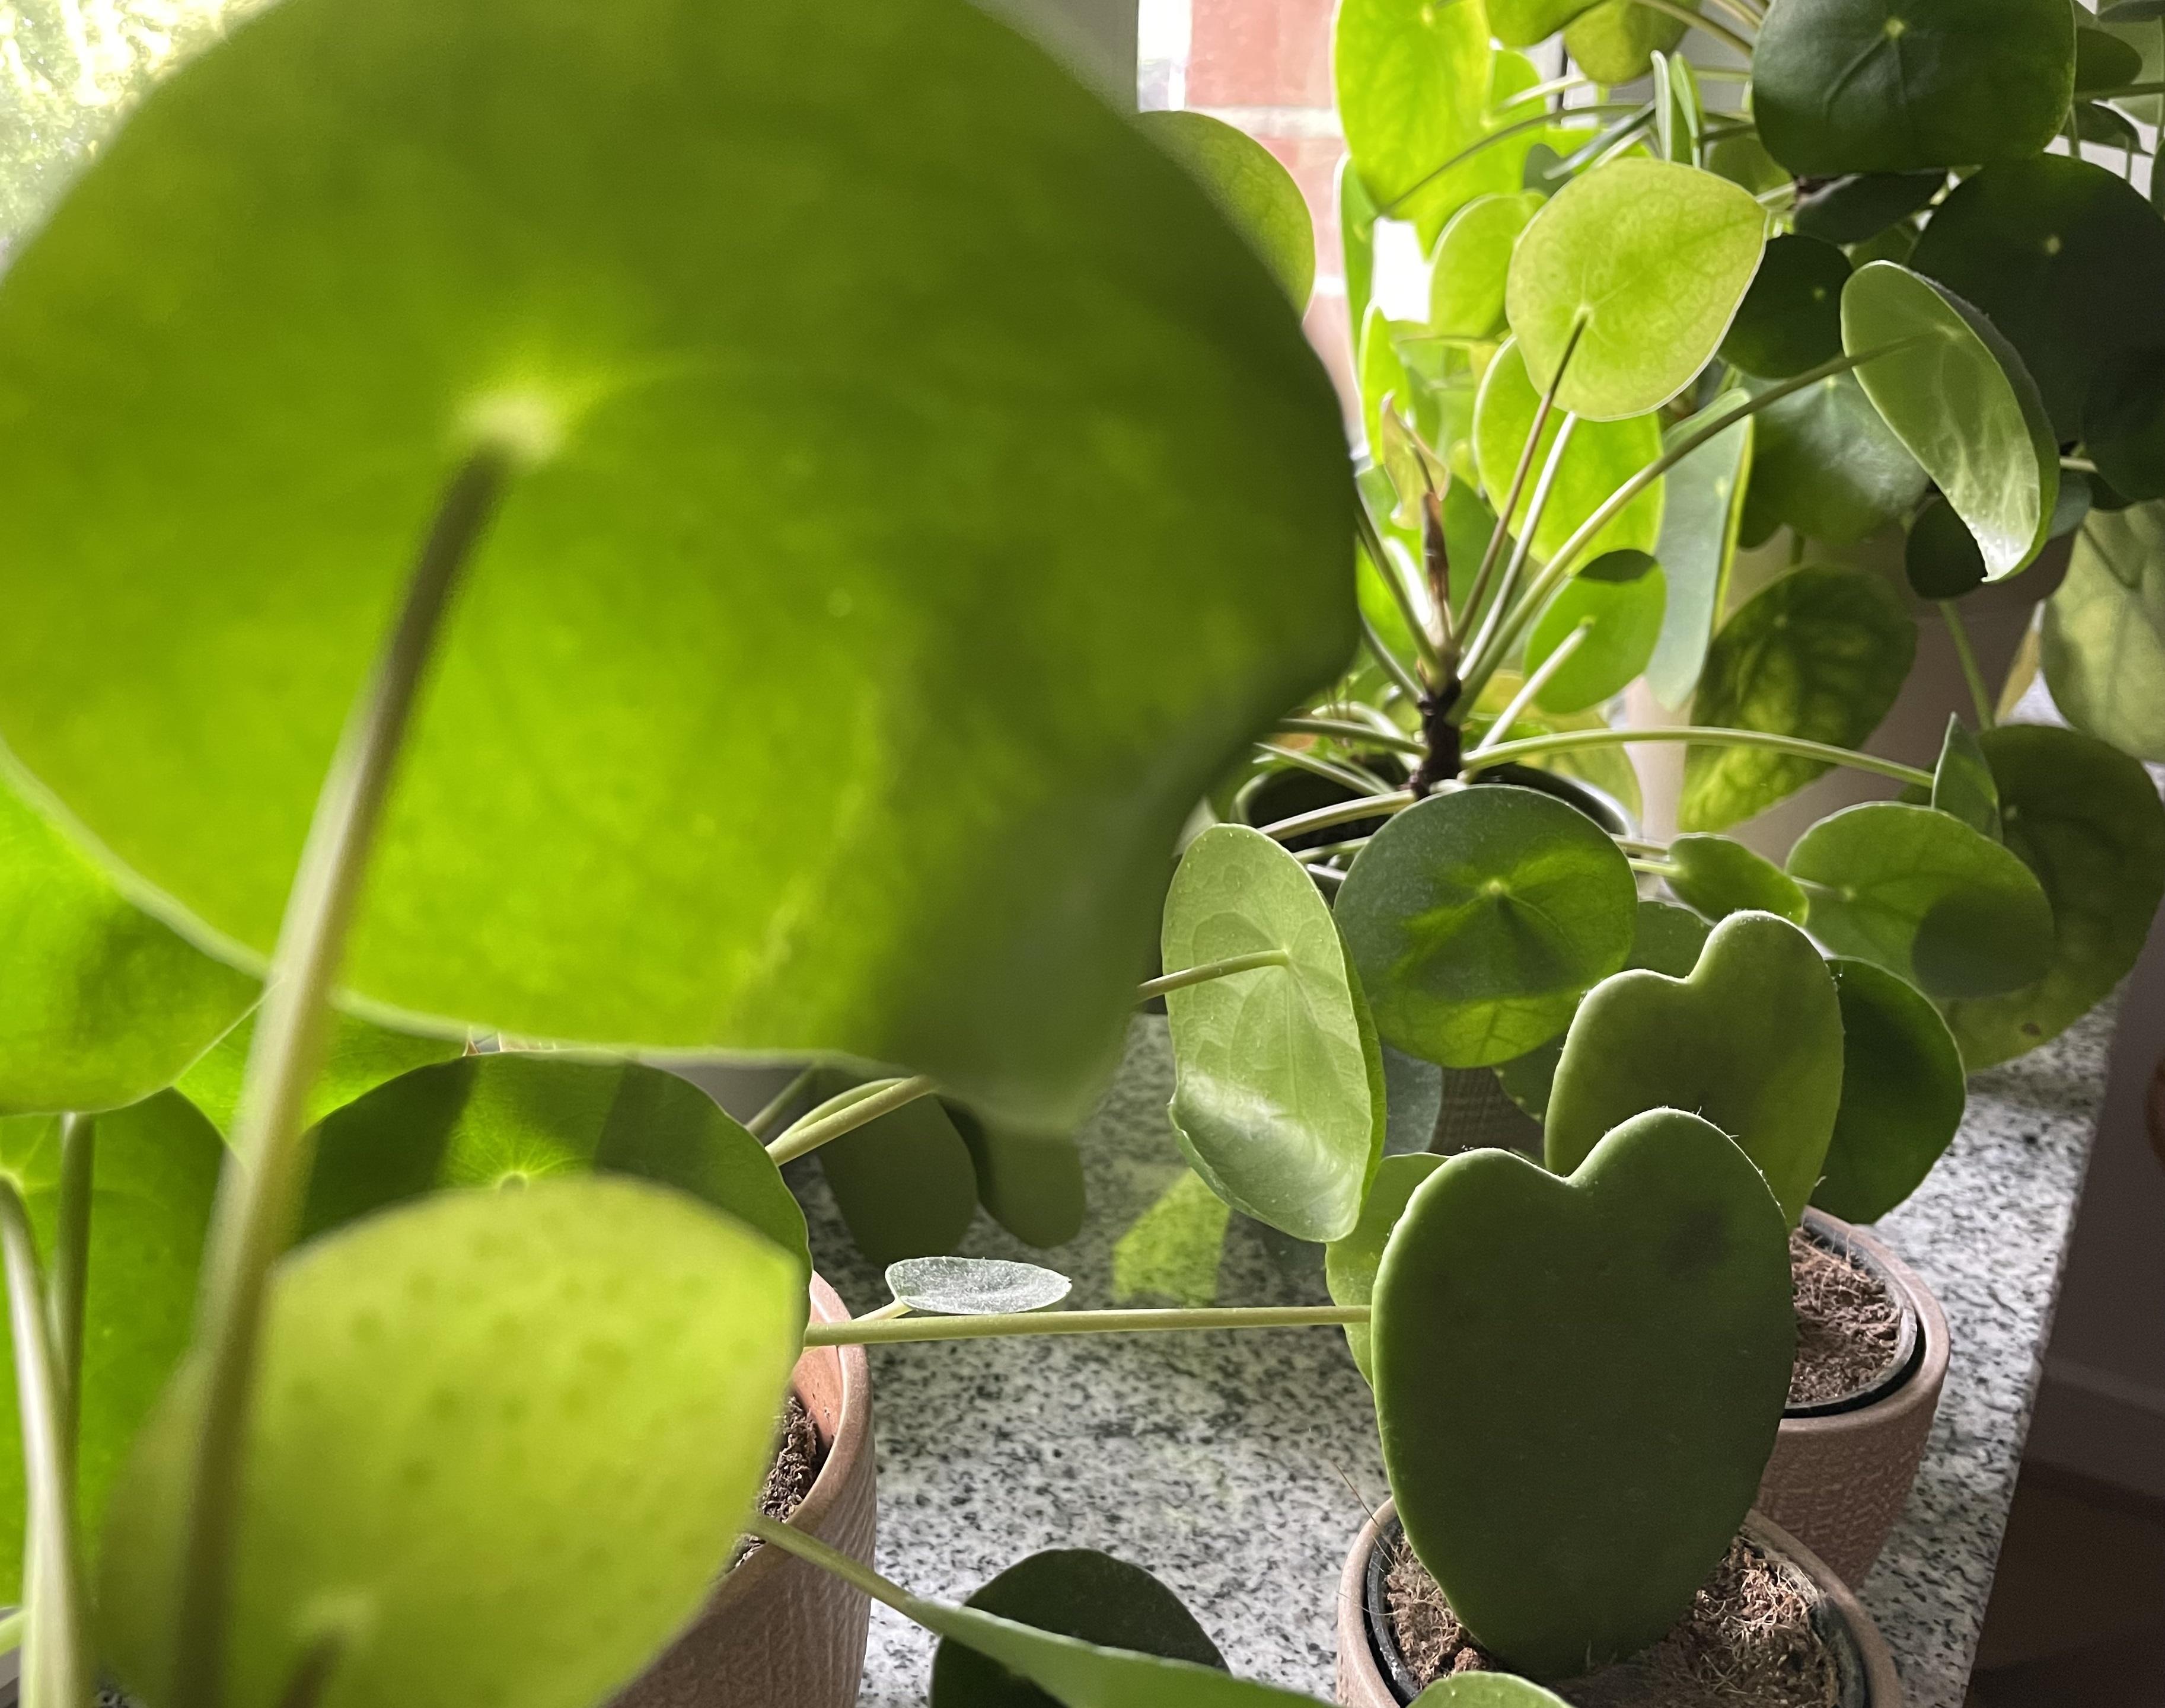 Pflegeleichte Pflanzen für die Wohnung: Diese Gattungen überleben auch ohne grünen Daumen